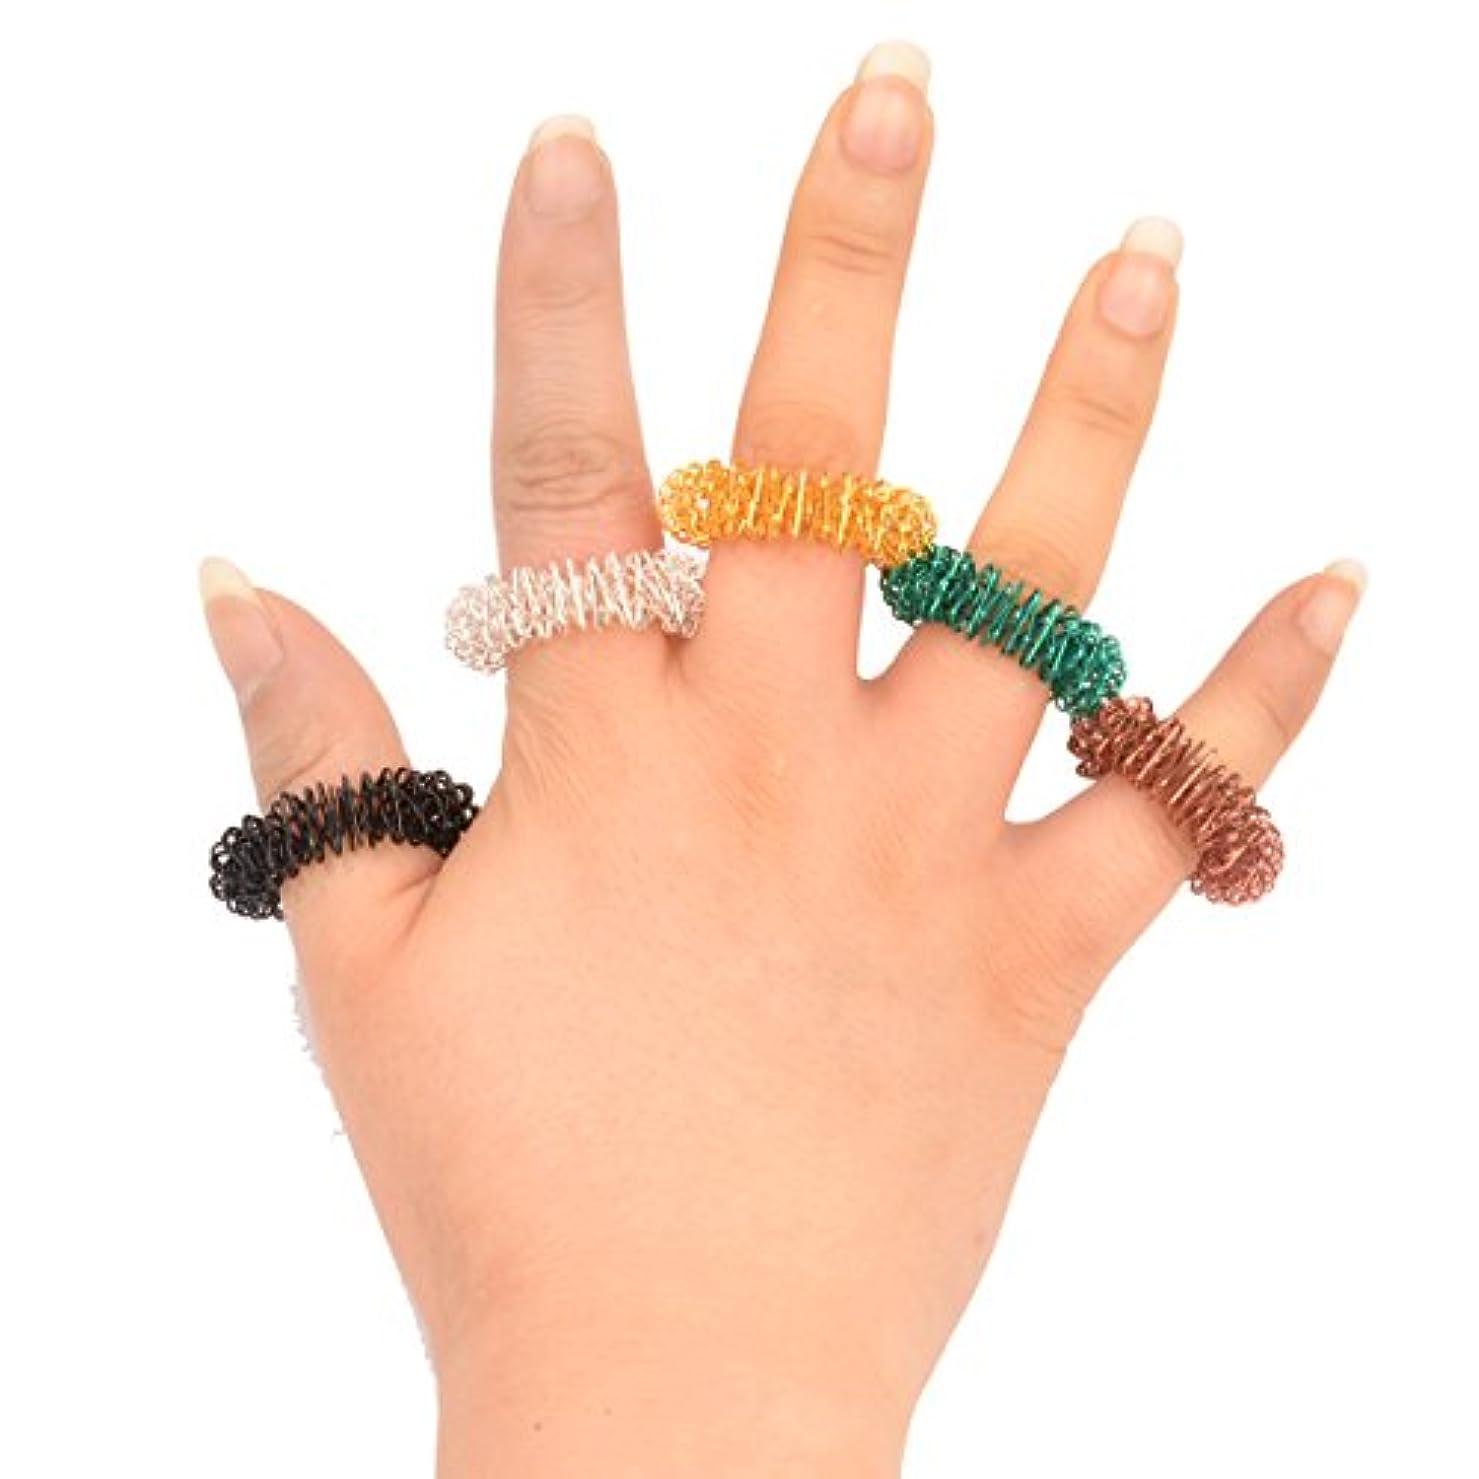 暗記するスピーカー海峡(Ckeyin) マッサージリング 5個入り 爪もみリング 色はランダムによって配送されます (5個)